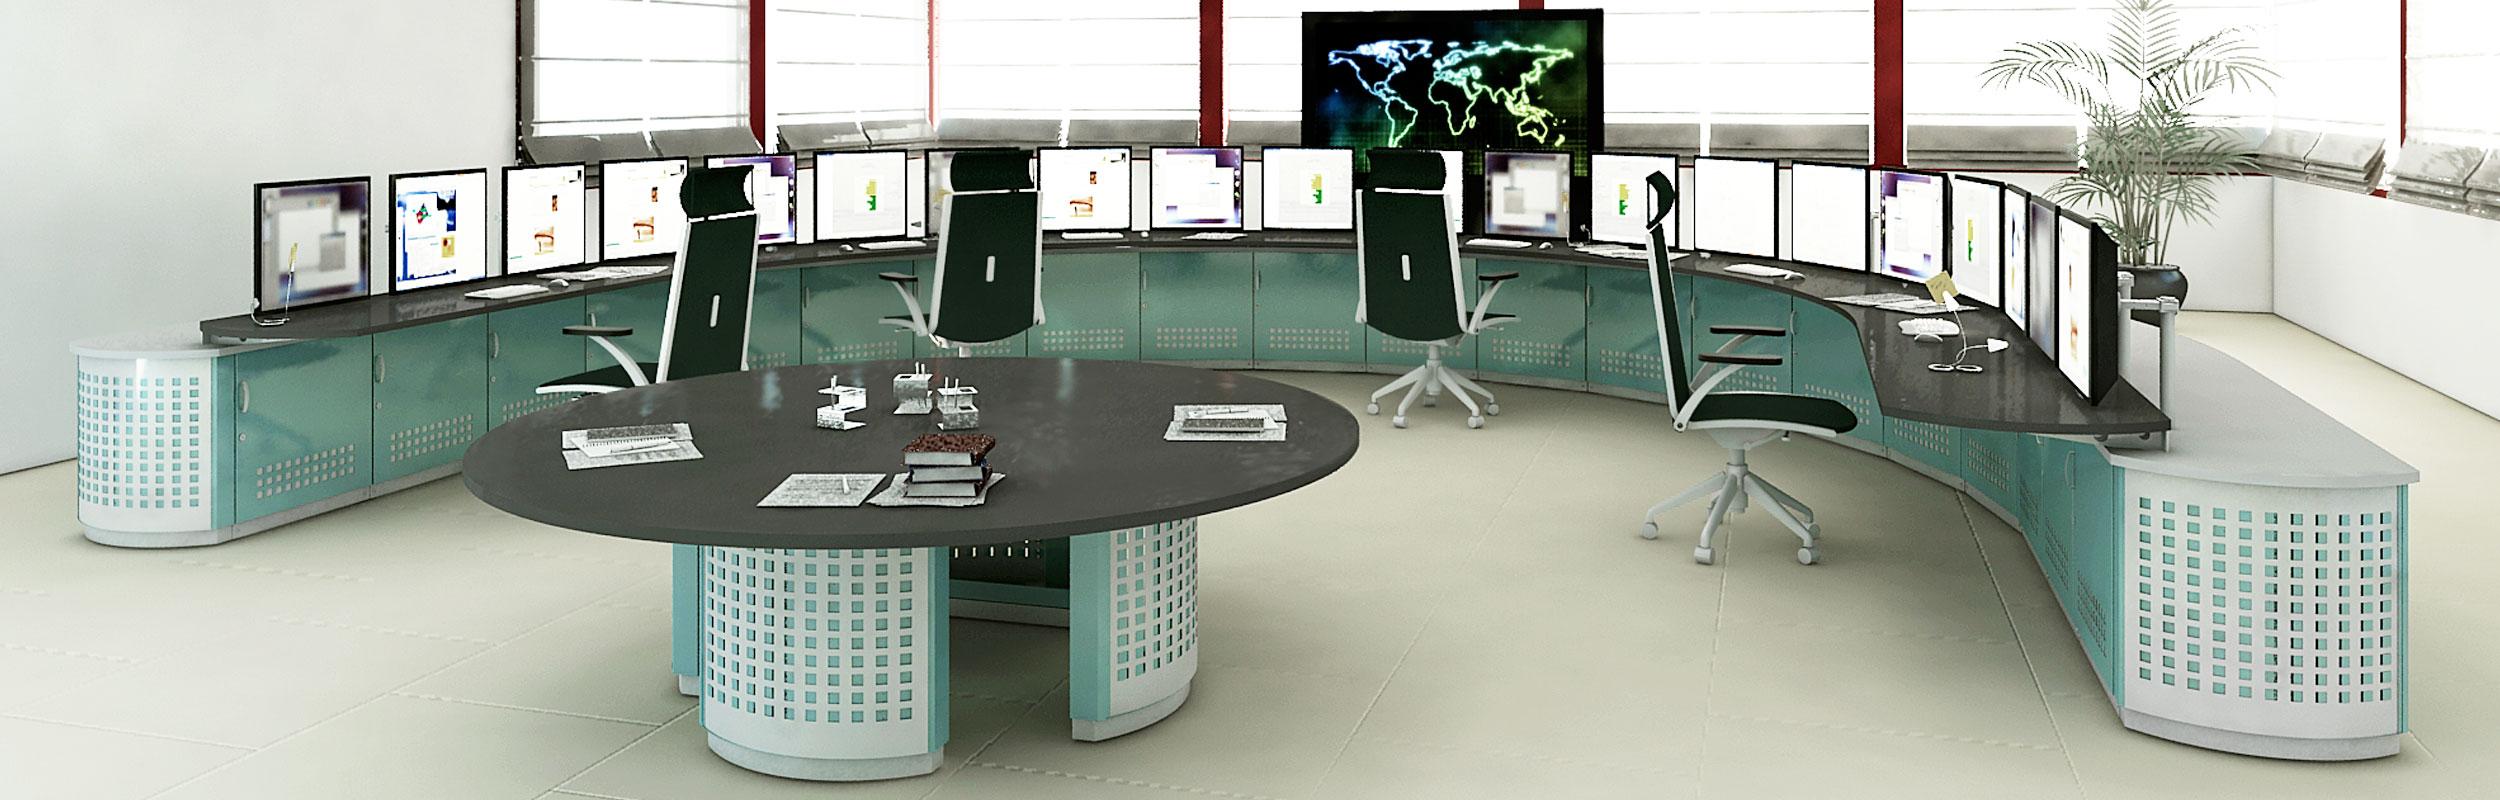 Console per Control Room